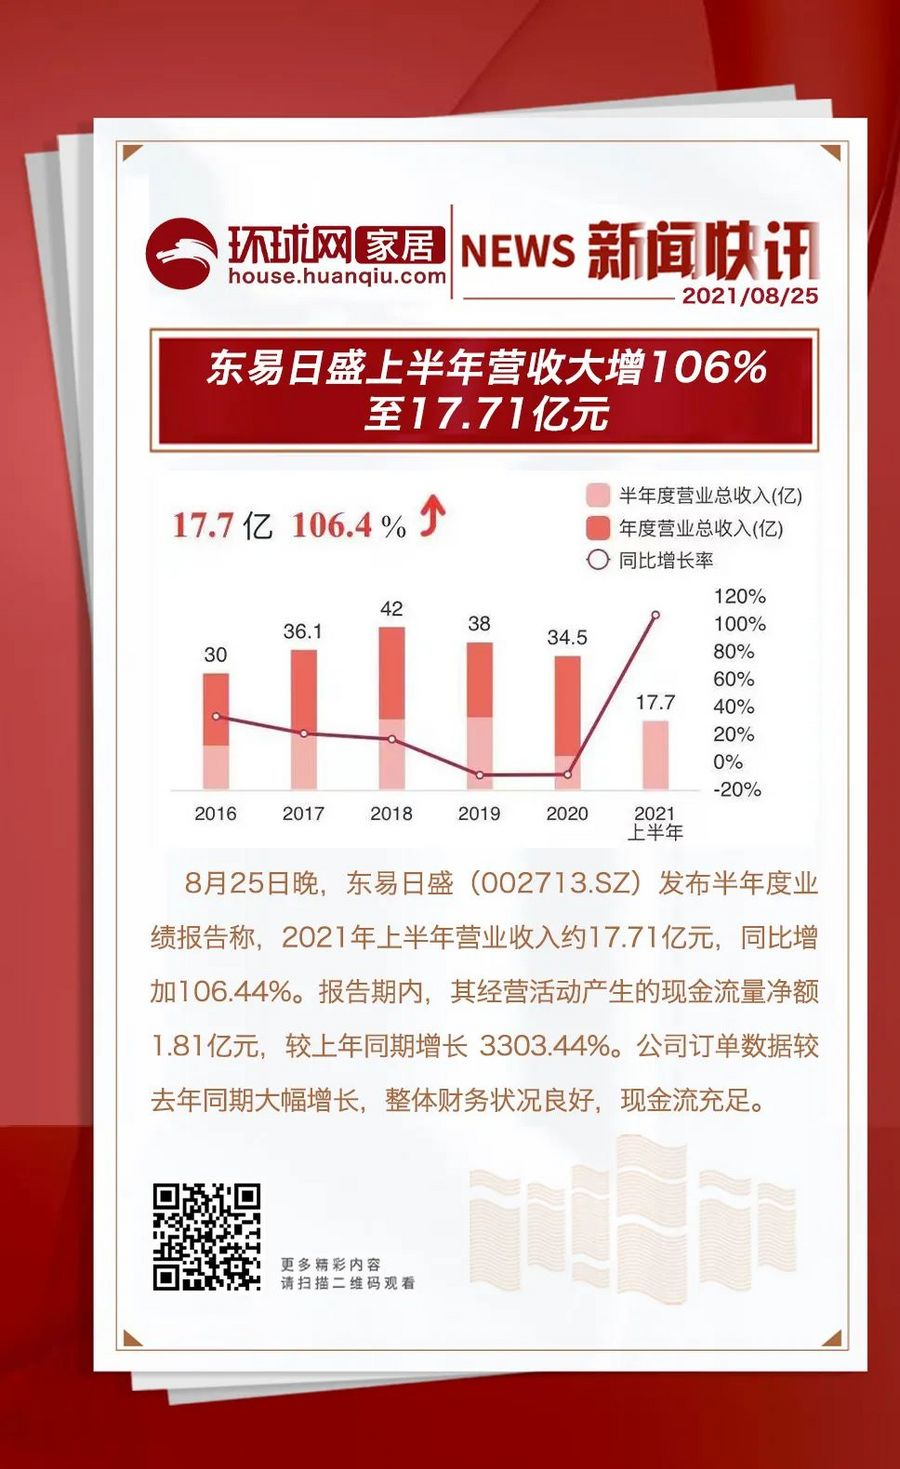 东易日盛2021年上半年营收17.71亿元!业绩超过预期,吸引众多媒体关注报道!